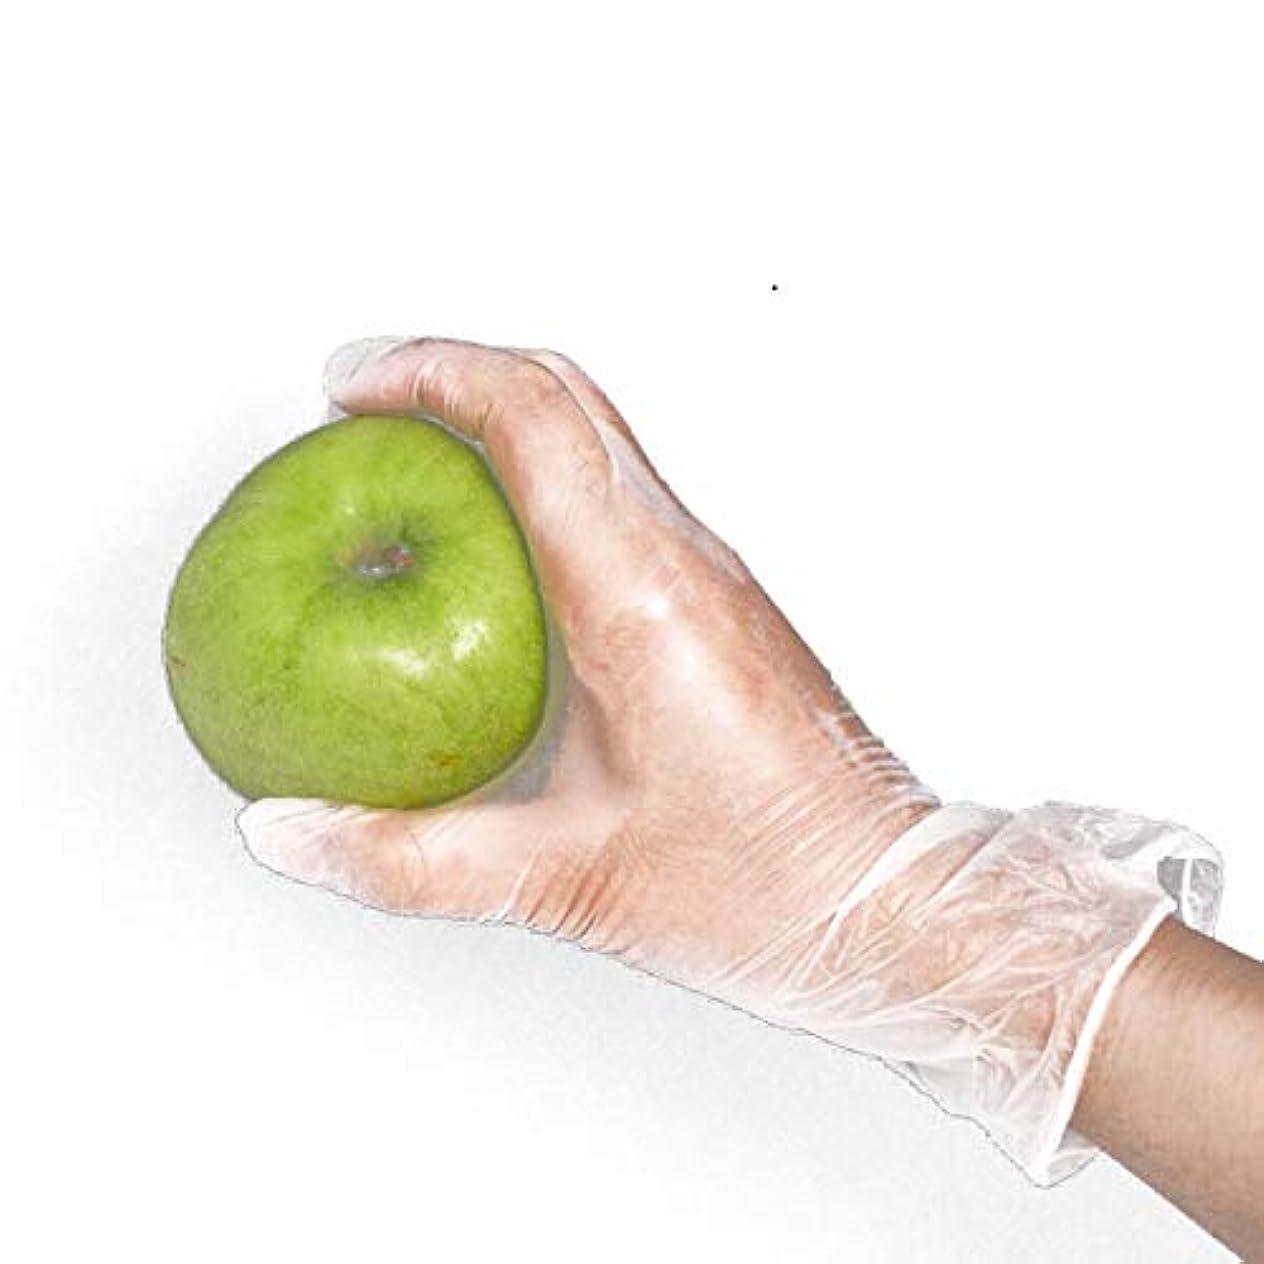 サーキットに行くキャンセルすり[FJTK]使い捨て手袋 透明 100枚入 ホワイト  医療 美容 科学実験 (L)